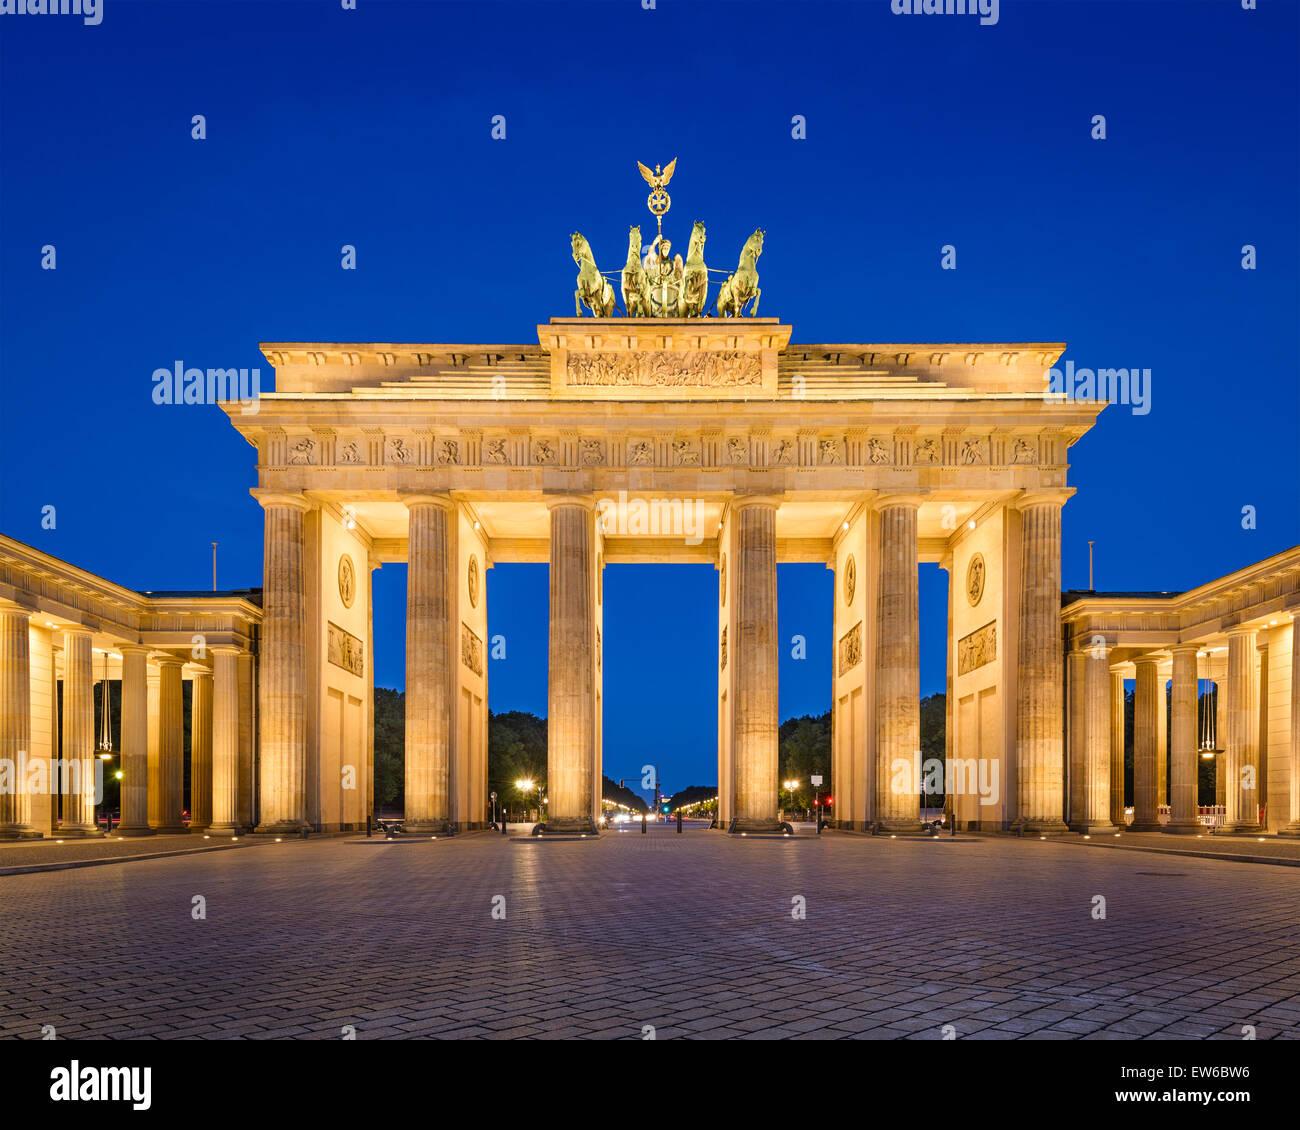 Berlín, Alemania, en la Puerta de Brandenburgo. Imagen De Stock